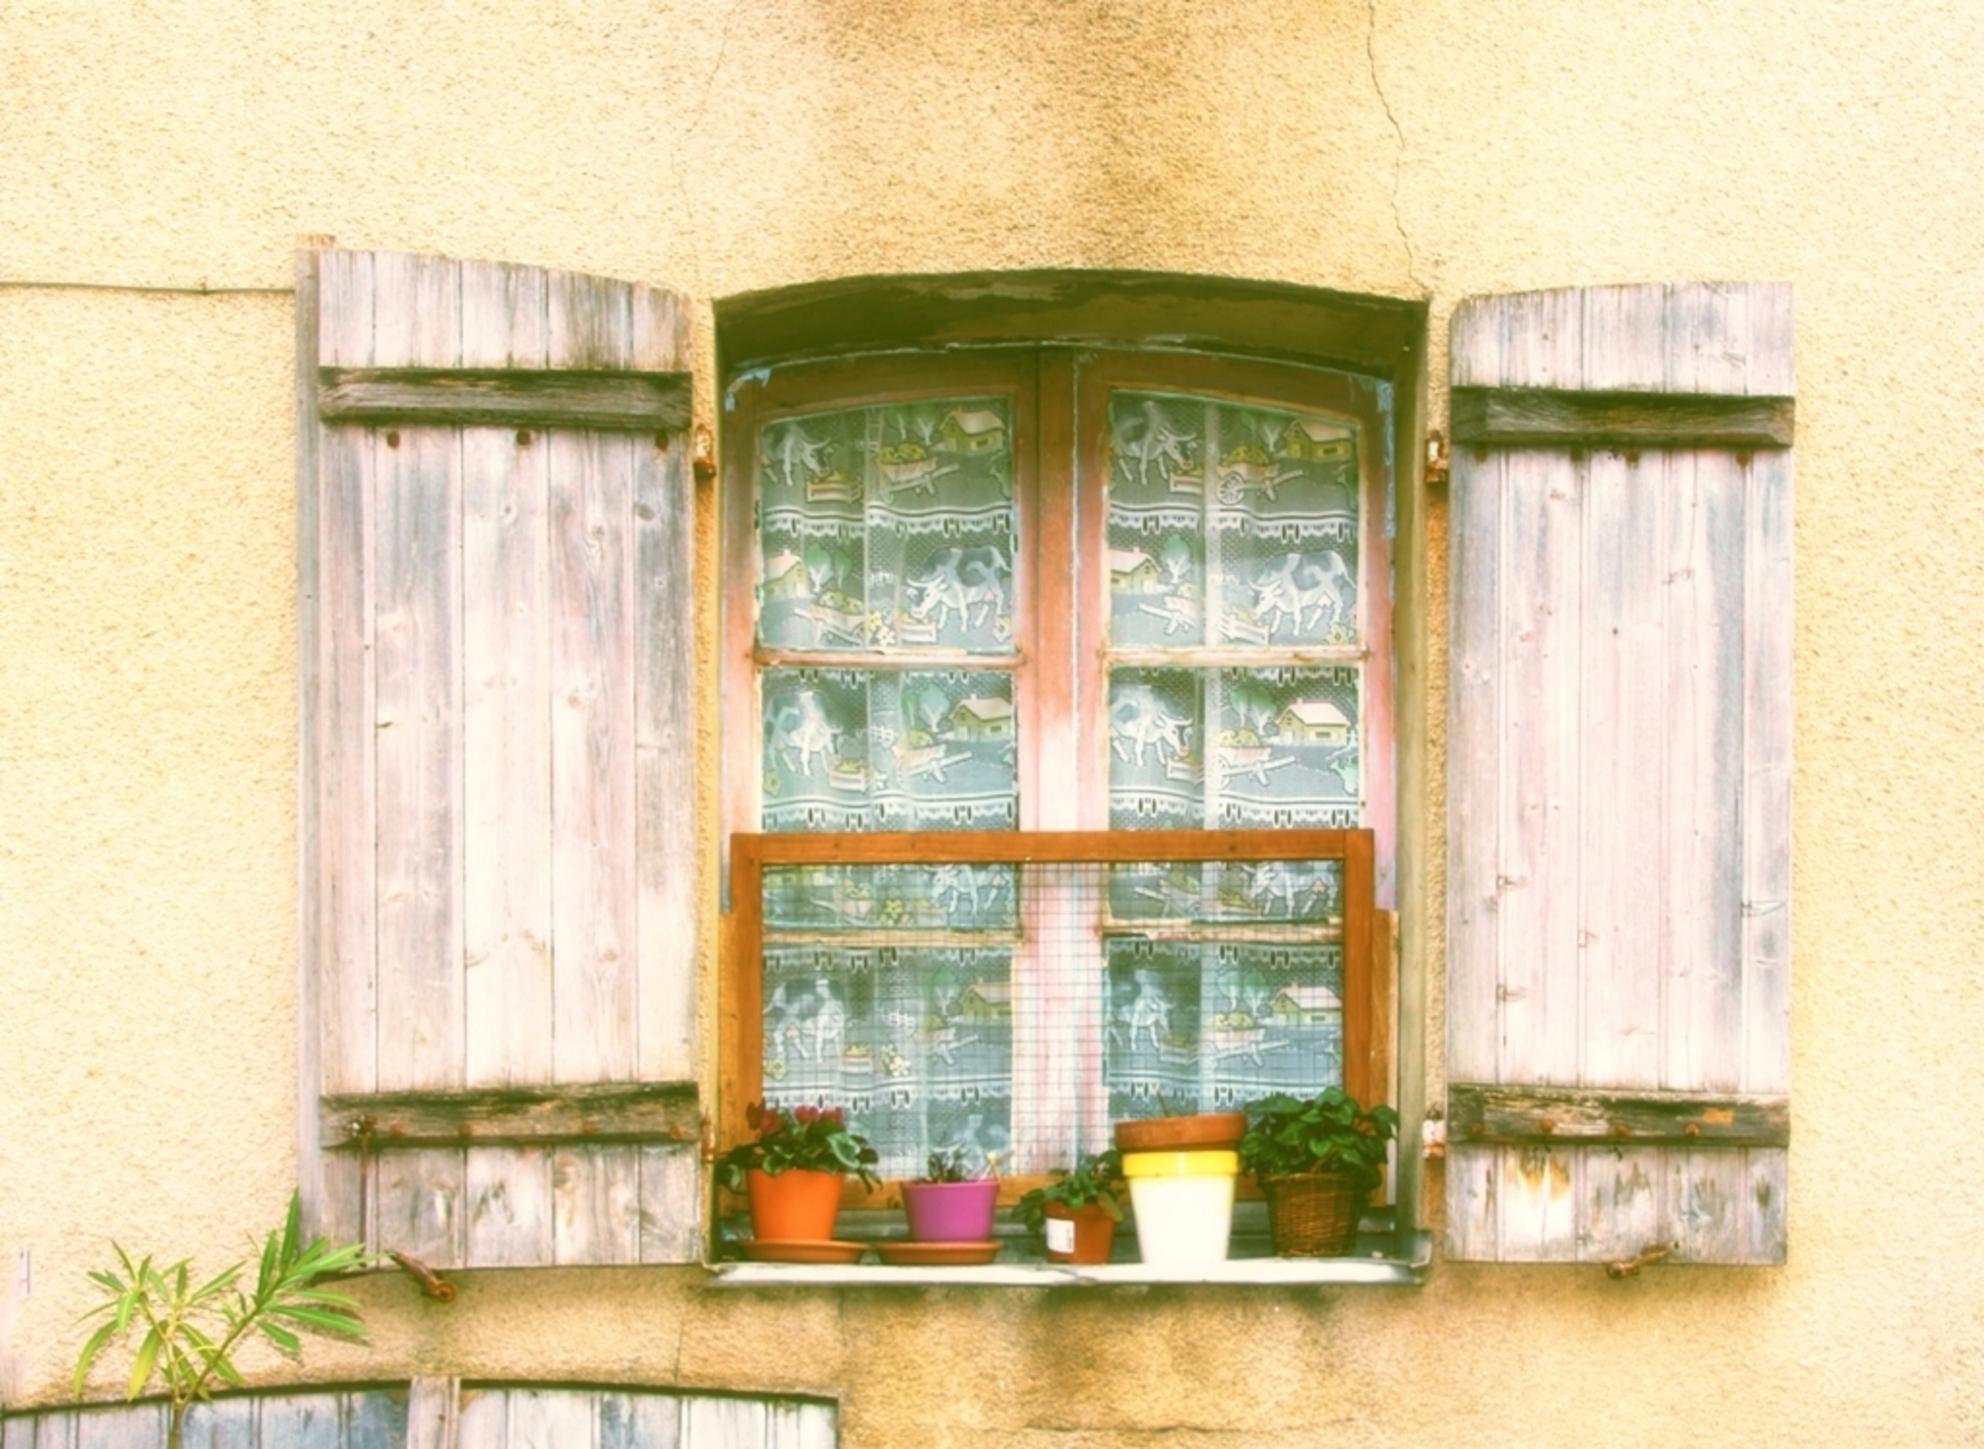 de bloemetjes buiten gezet - - - foto door onne1954 op 29-12-2015 - deze foto bevat: oud, lijnen, frankrijk, bloemen, planten, gebouw, stad, verlaten, luik, vervallen, luiken, urbex, blinden, hor, urban exploring